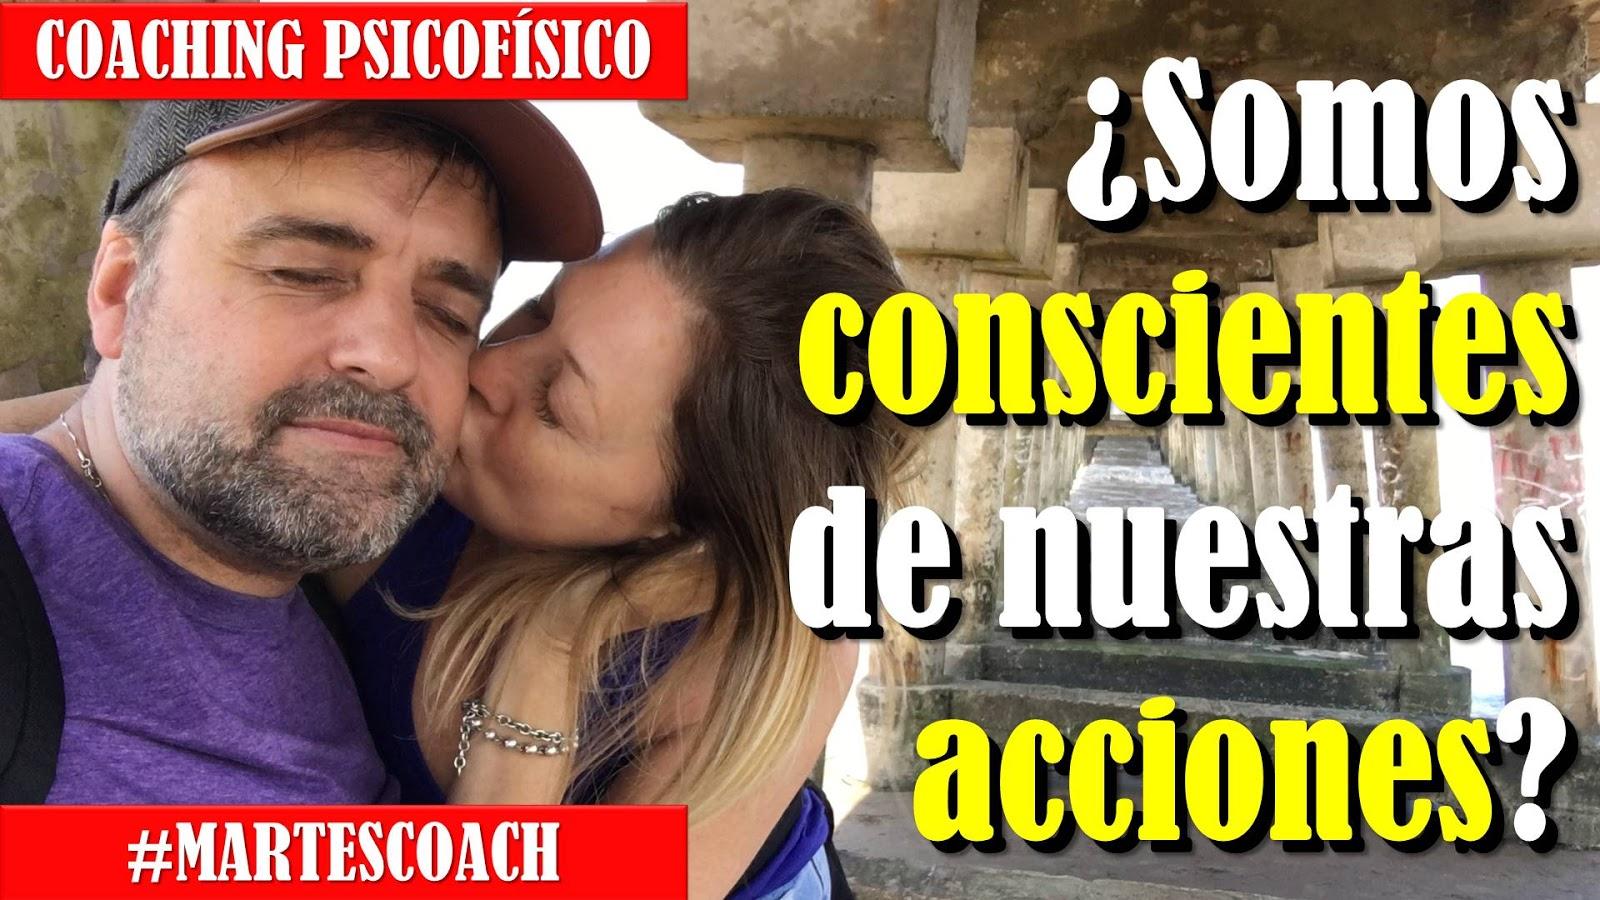 ¿Somos conscientes de nuestras acciones? #MartesCoach